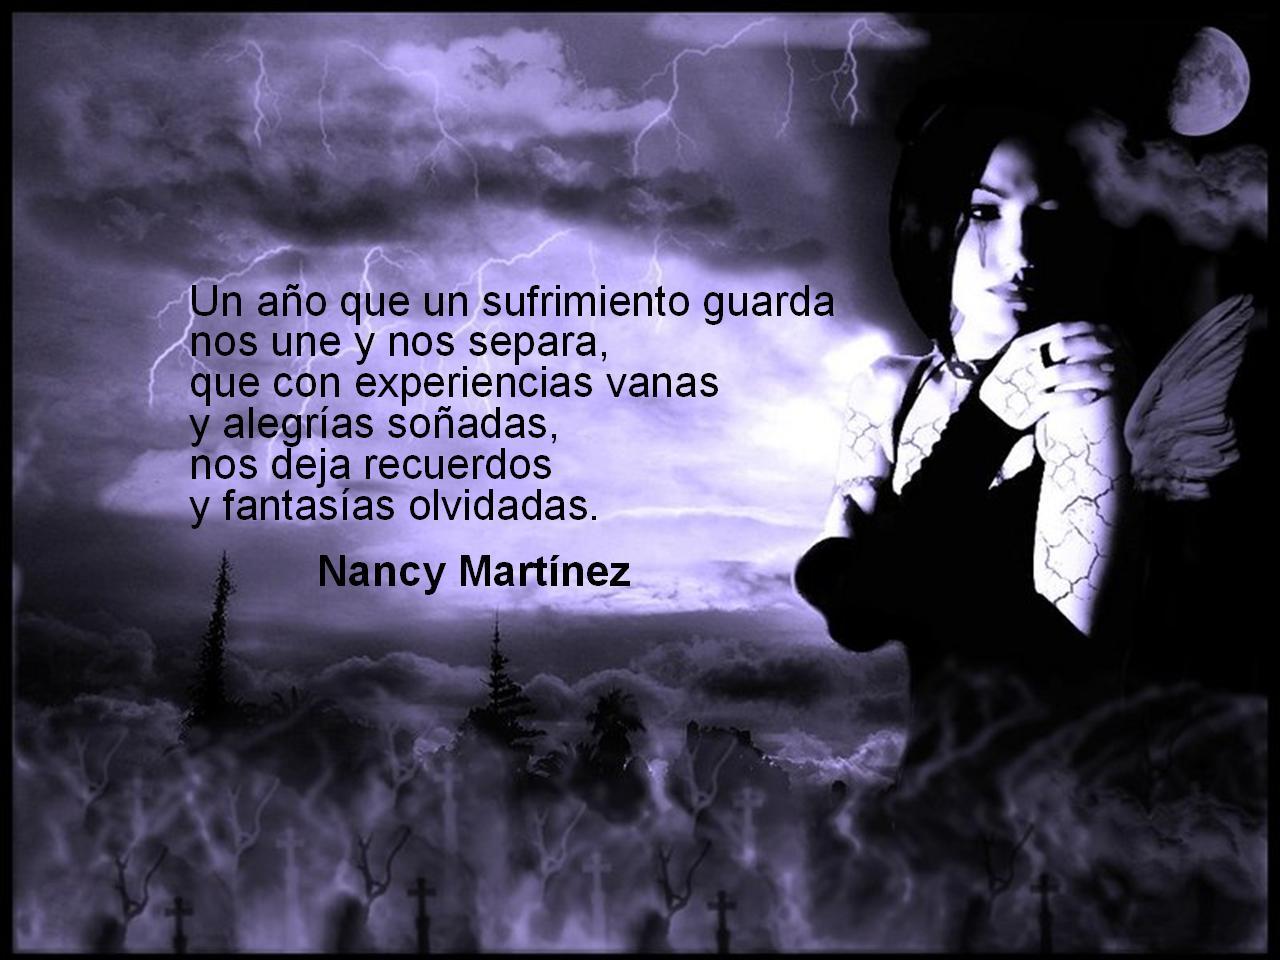 El Espejo Gotico Poemas Goticos De Amor Imagenes Goticas Tristes De Amor